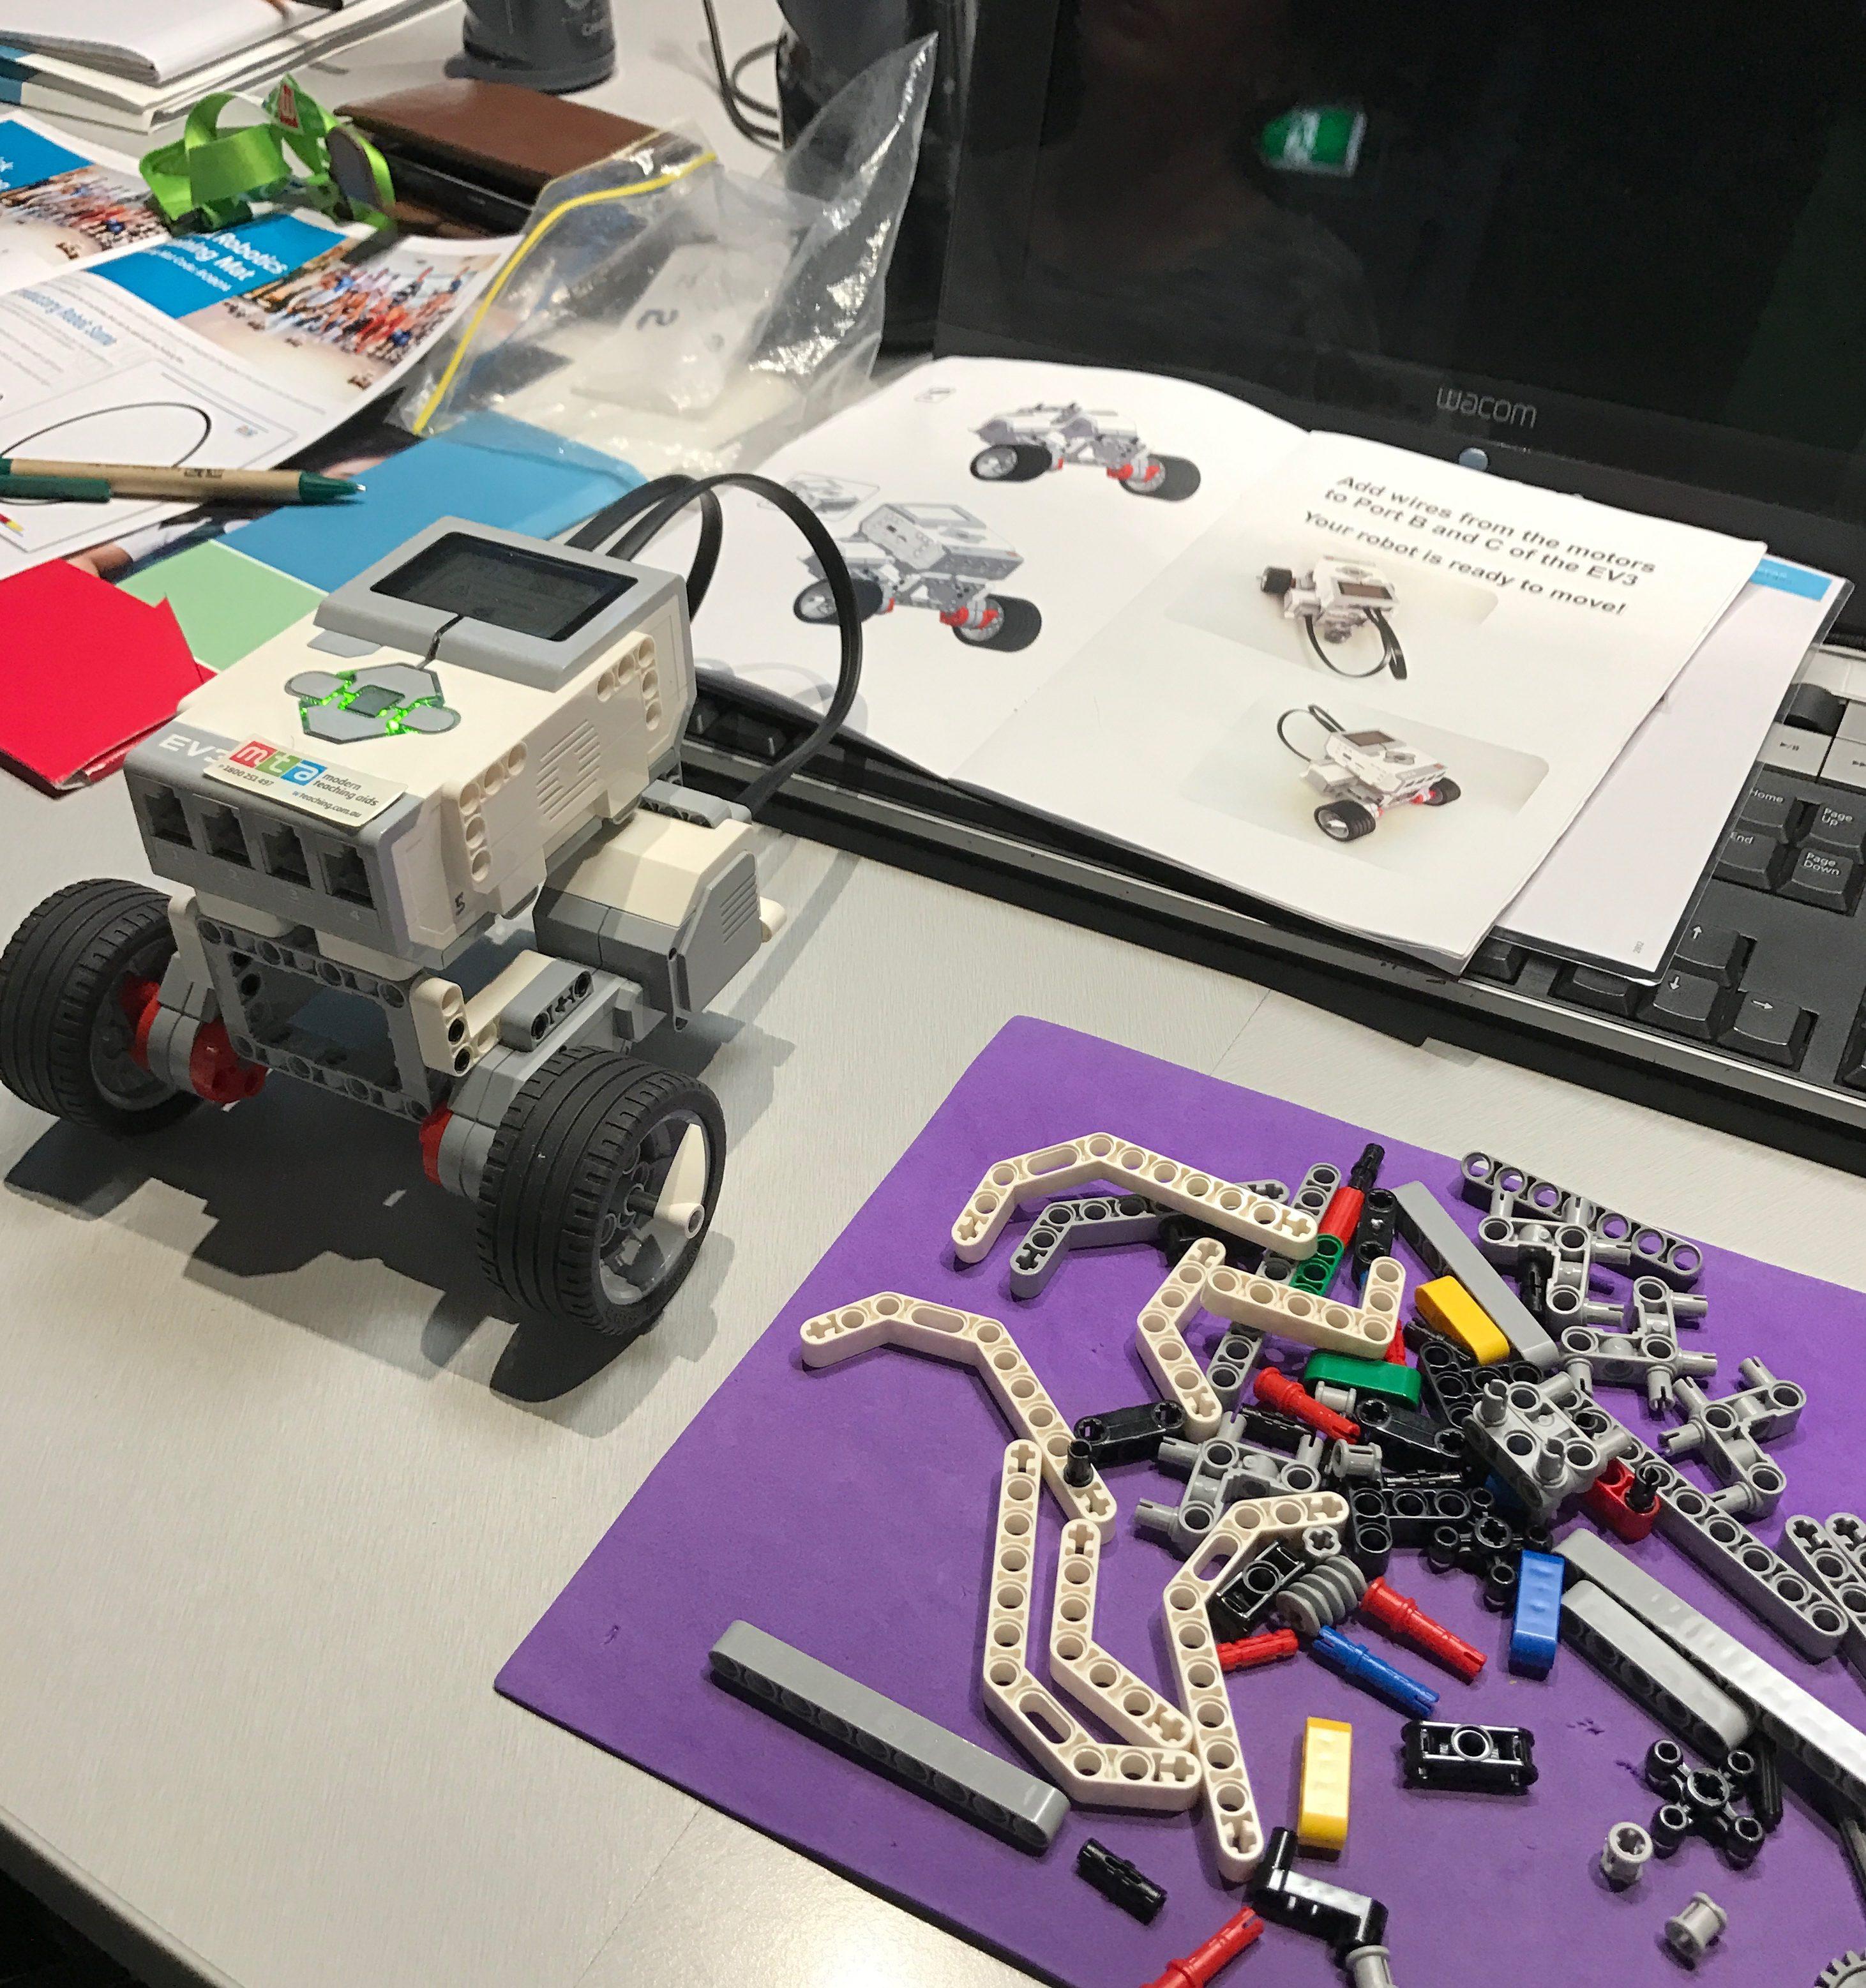 Coding with LEGO EV3 Robots - TinkeringChild